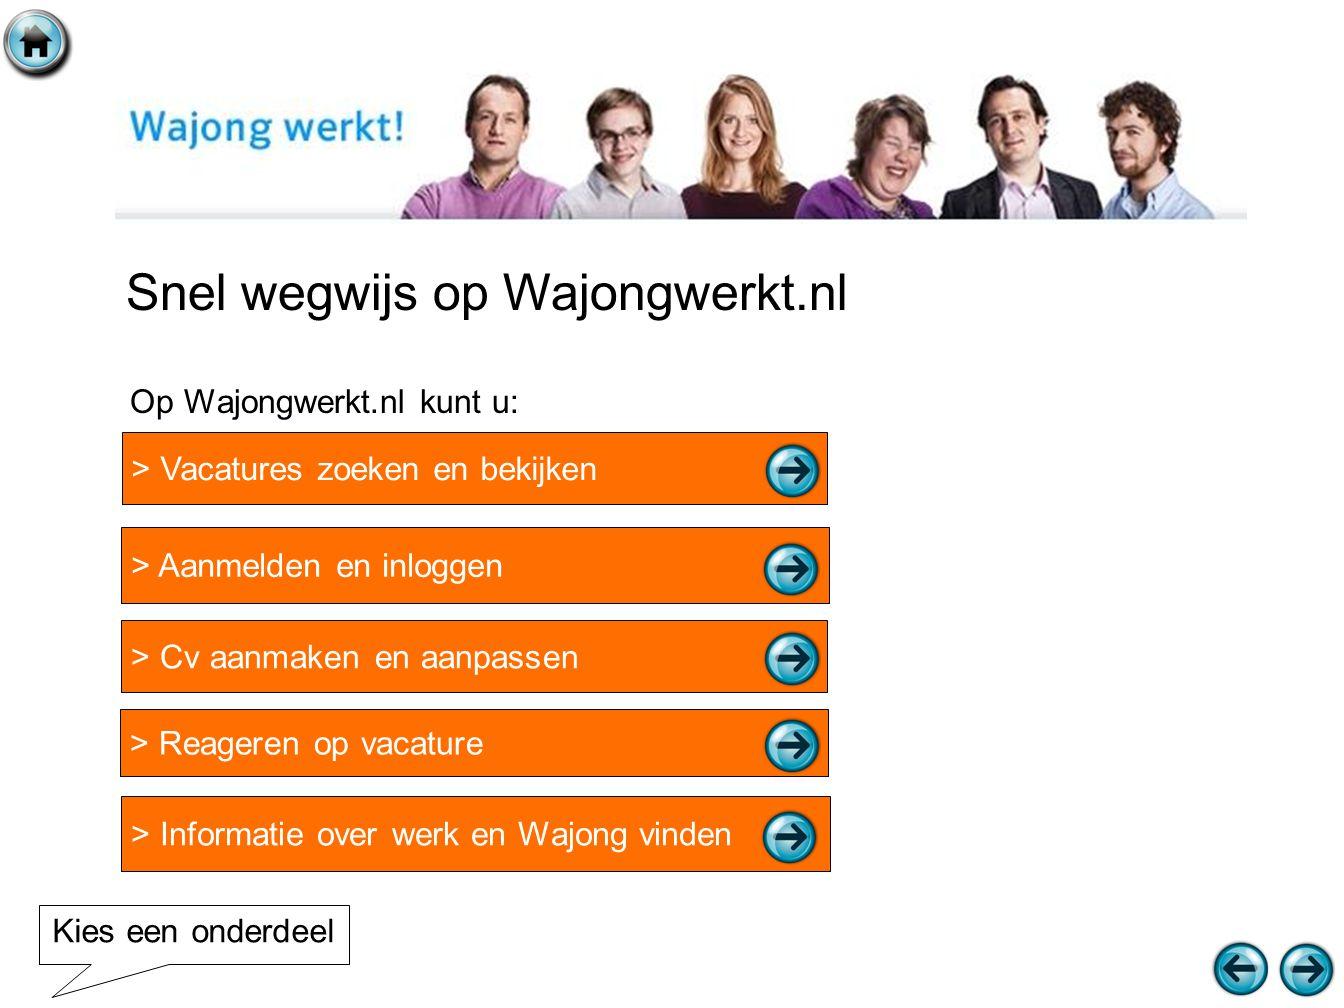 Snel wegwijs op Wajongwerkt.nl > Vacatures zoeken en bekijken > Aanmelden en inloggen > Reageren op vacature > Cv aanmaken en aanpassen > Informatie o